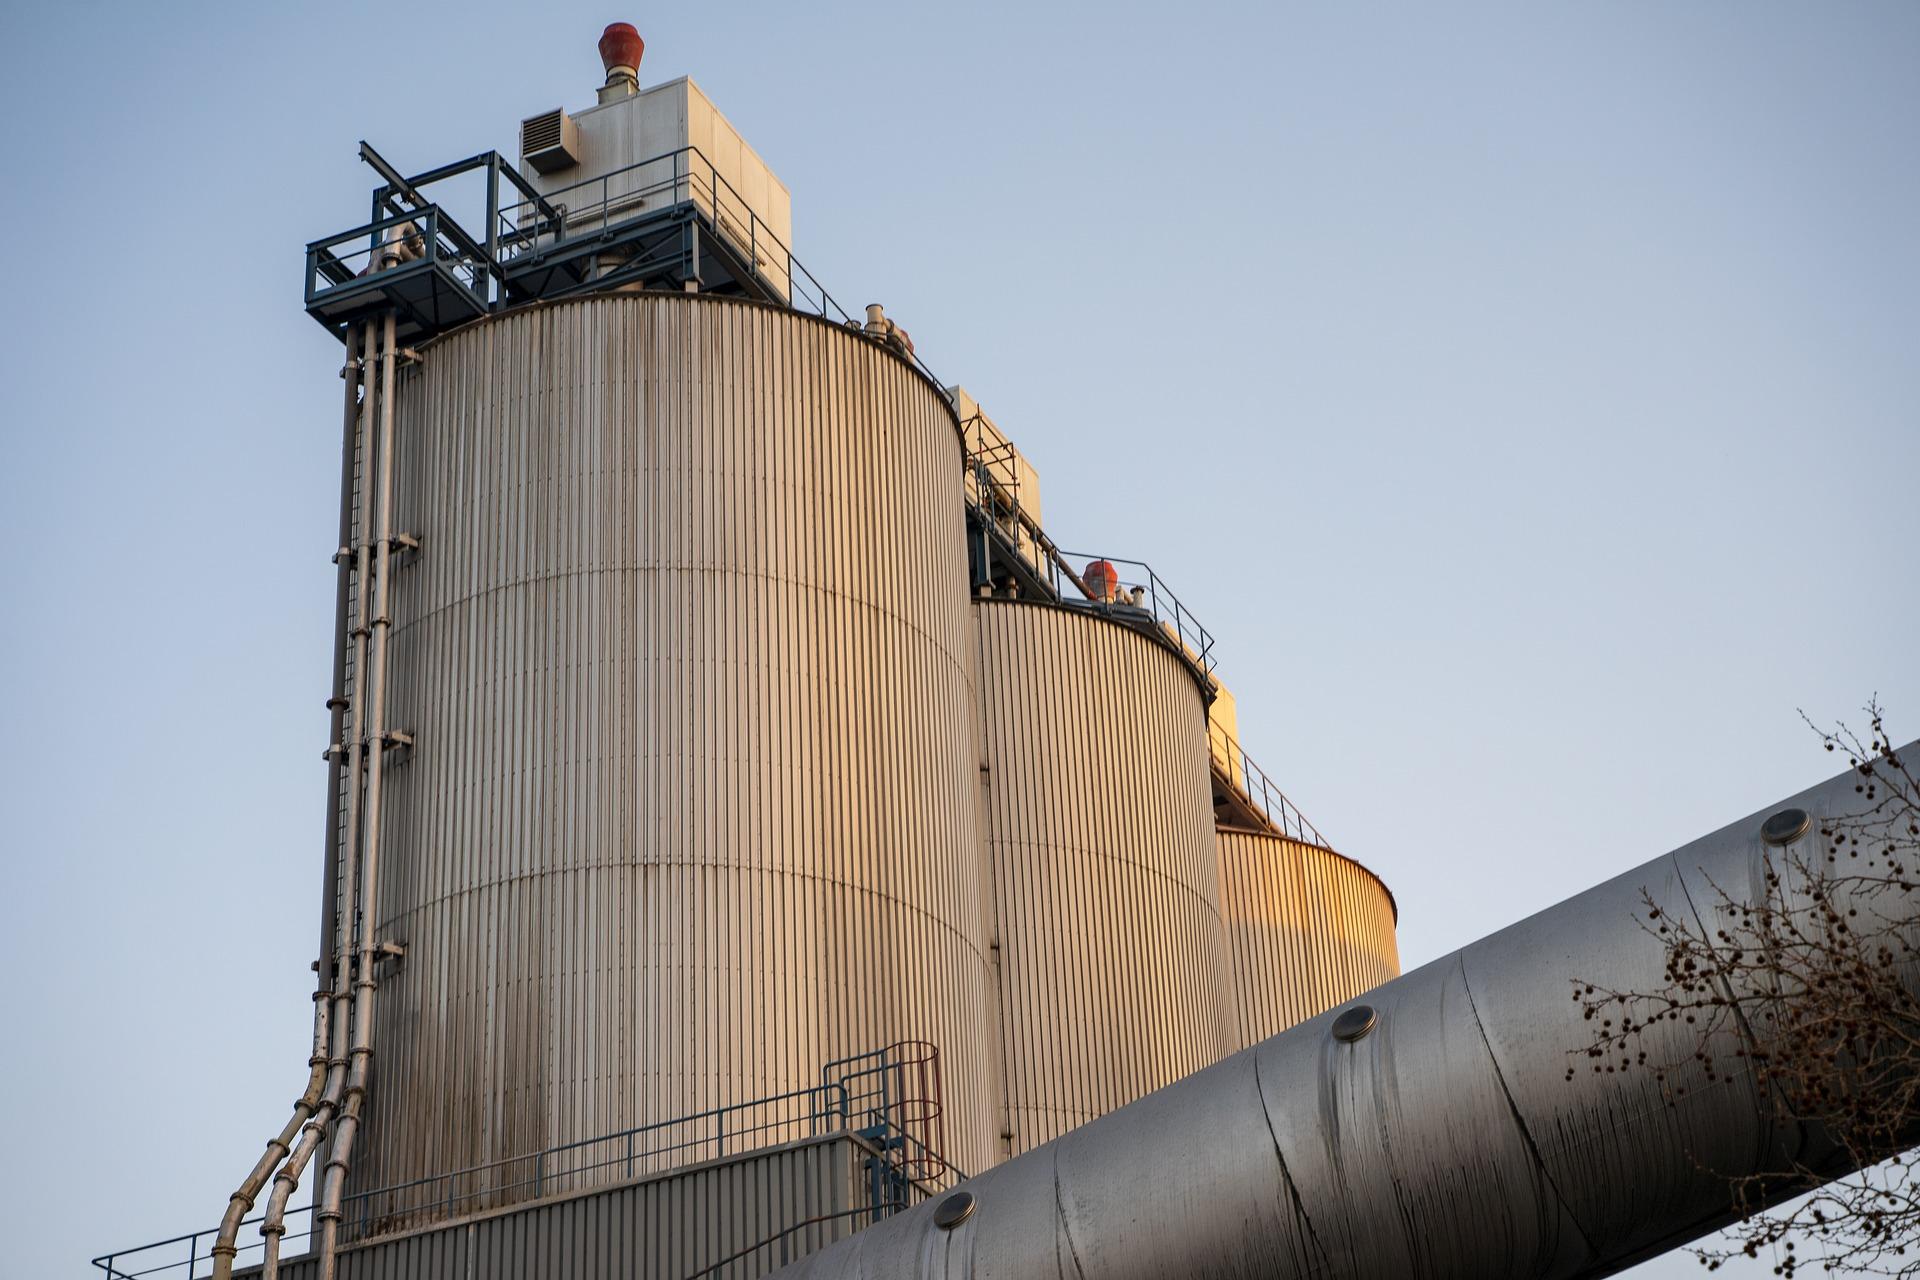 xin phép xả thải cho nhà máy với công suất dưới 50 khối